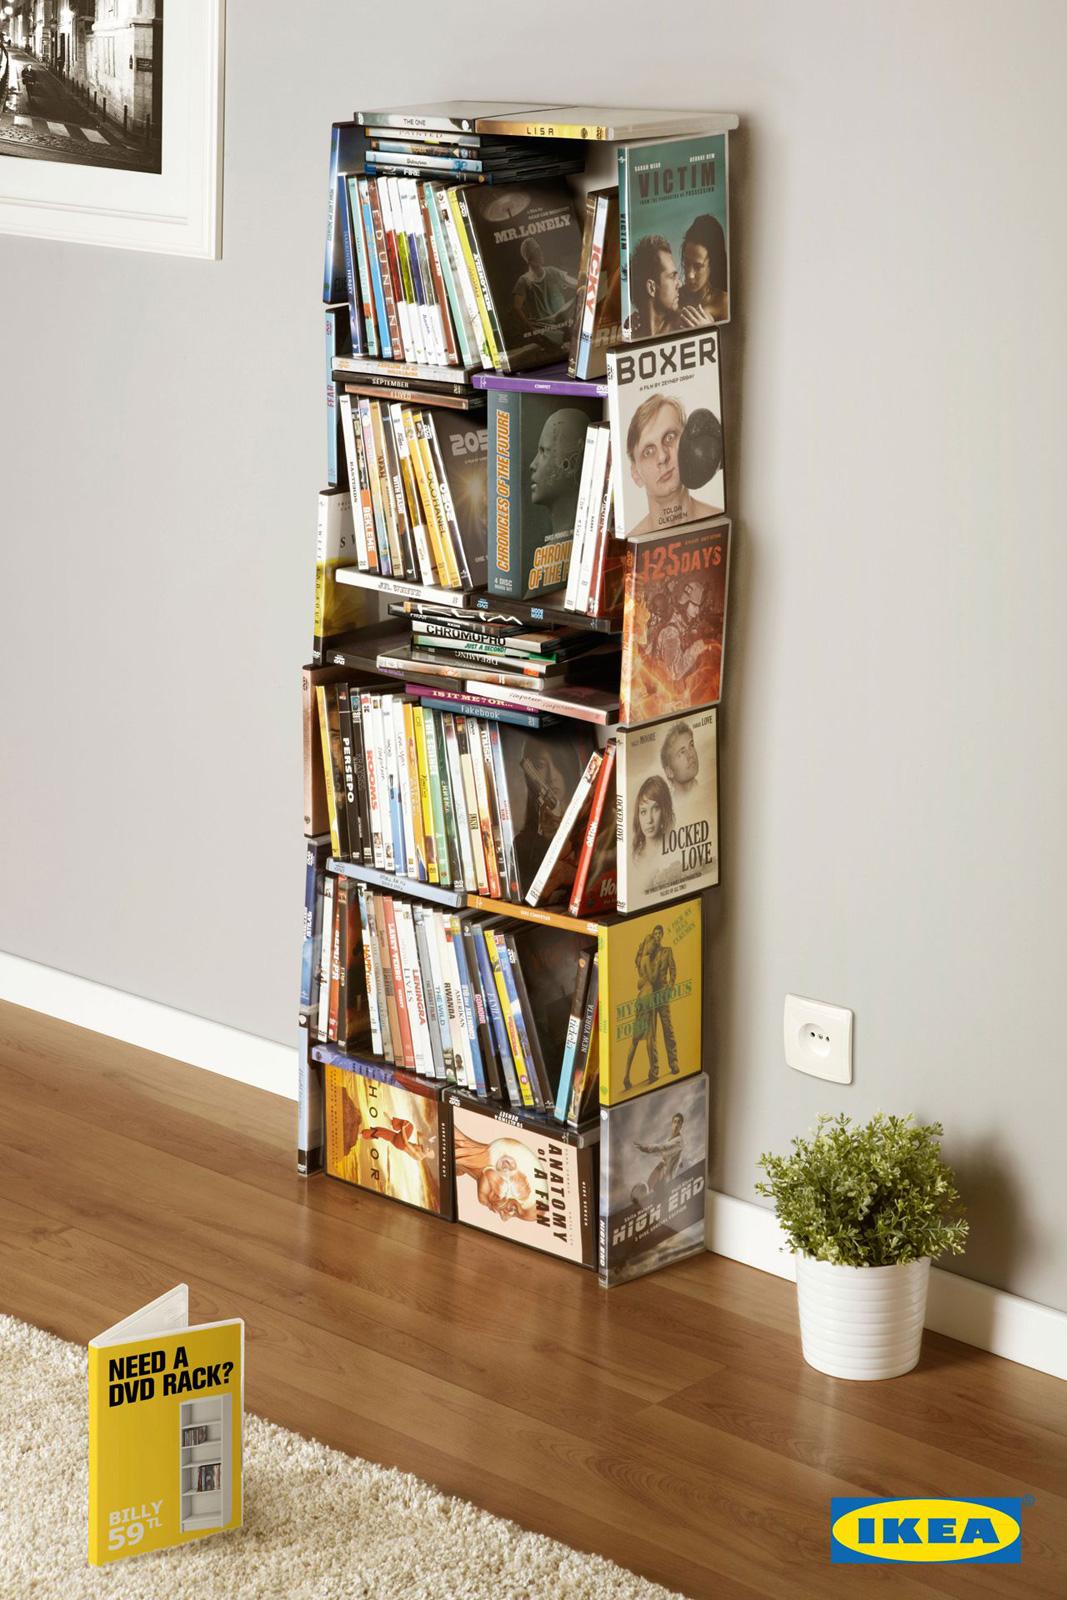 Ikea estanter a cd dvd libros - Ikea estanterias libros ...